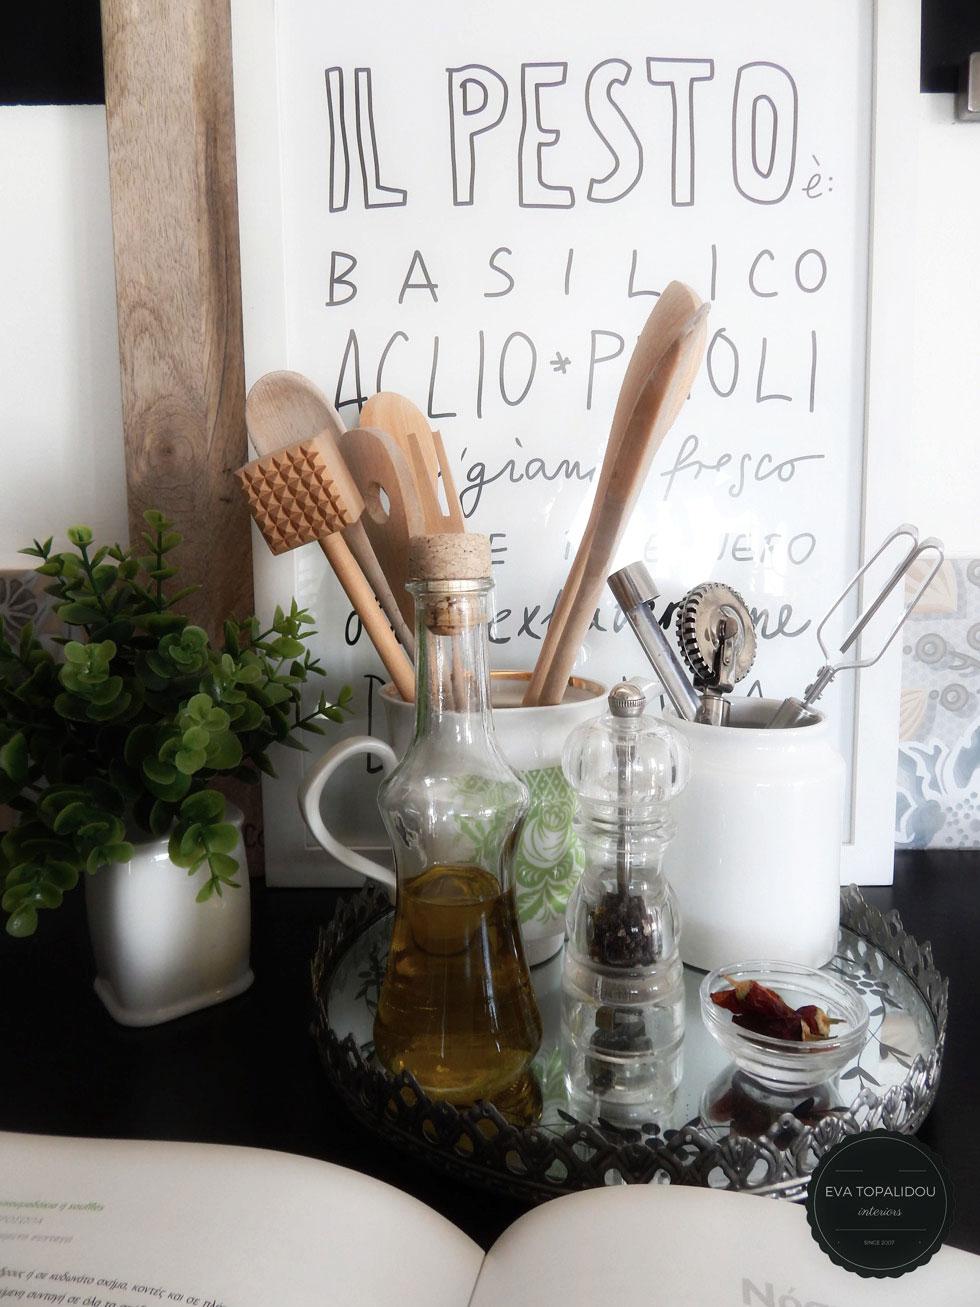 Οργάνωσε την κουζίνα σου με εύκολο τρόπο. Βάλε σε δίσκους ότι χρειάζεσαι για να μαγειρέψεις και ο πάγκος σου θα είναι πιο όμορφος.